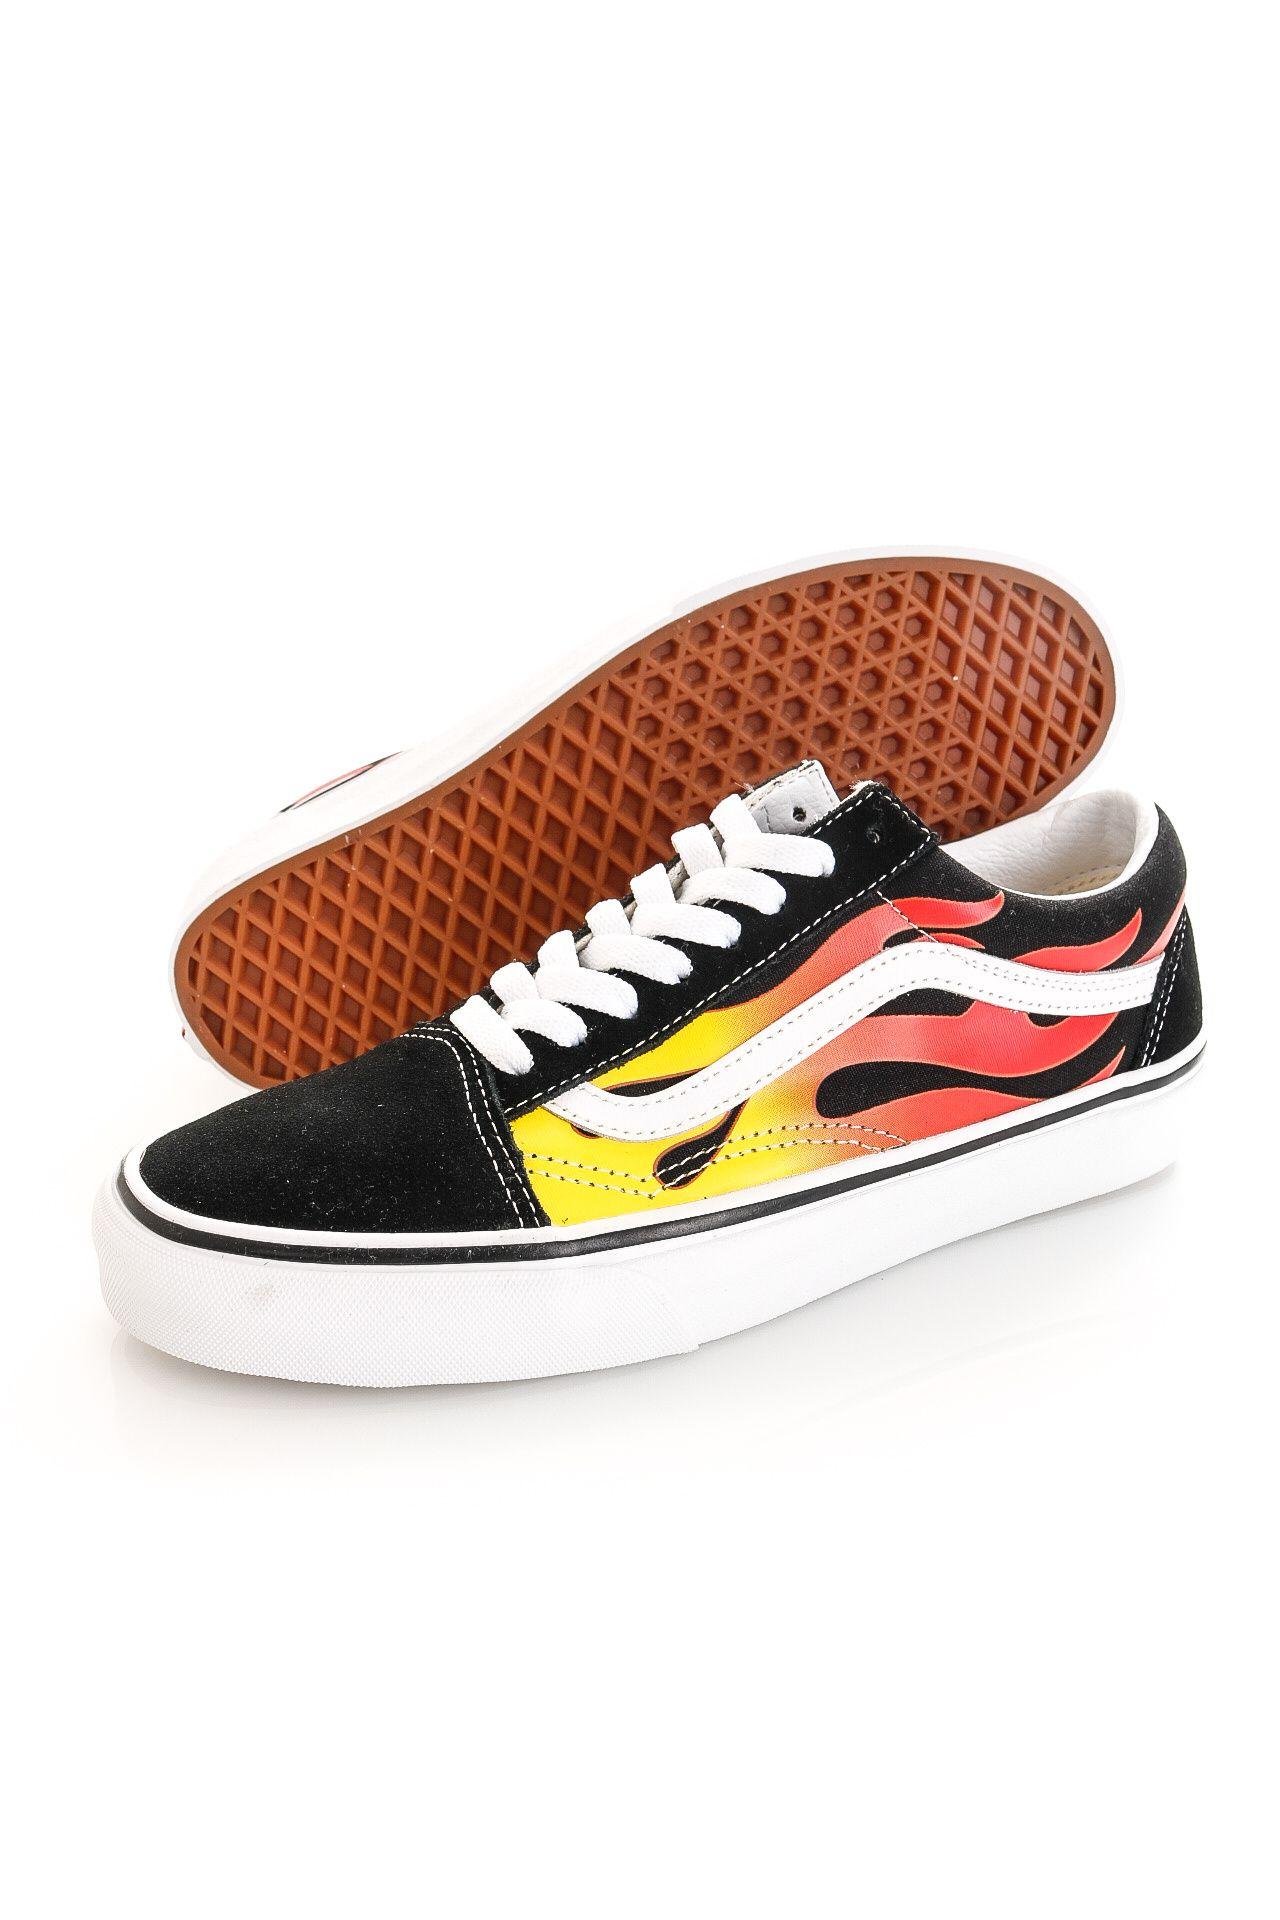 Afbeelding van Vans Sneakers UA Old Skool (FLAME) Black/Black/True White VN0A38G1PHN1